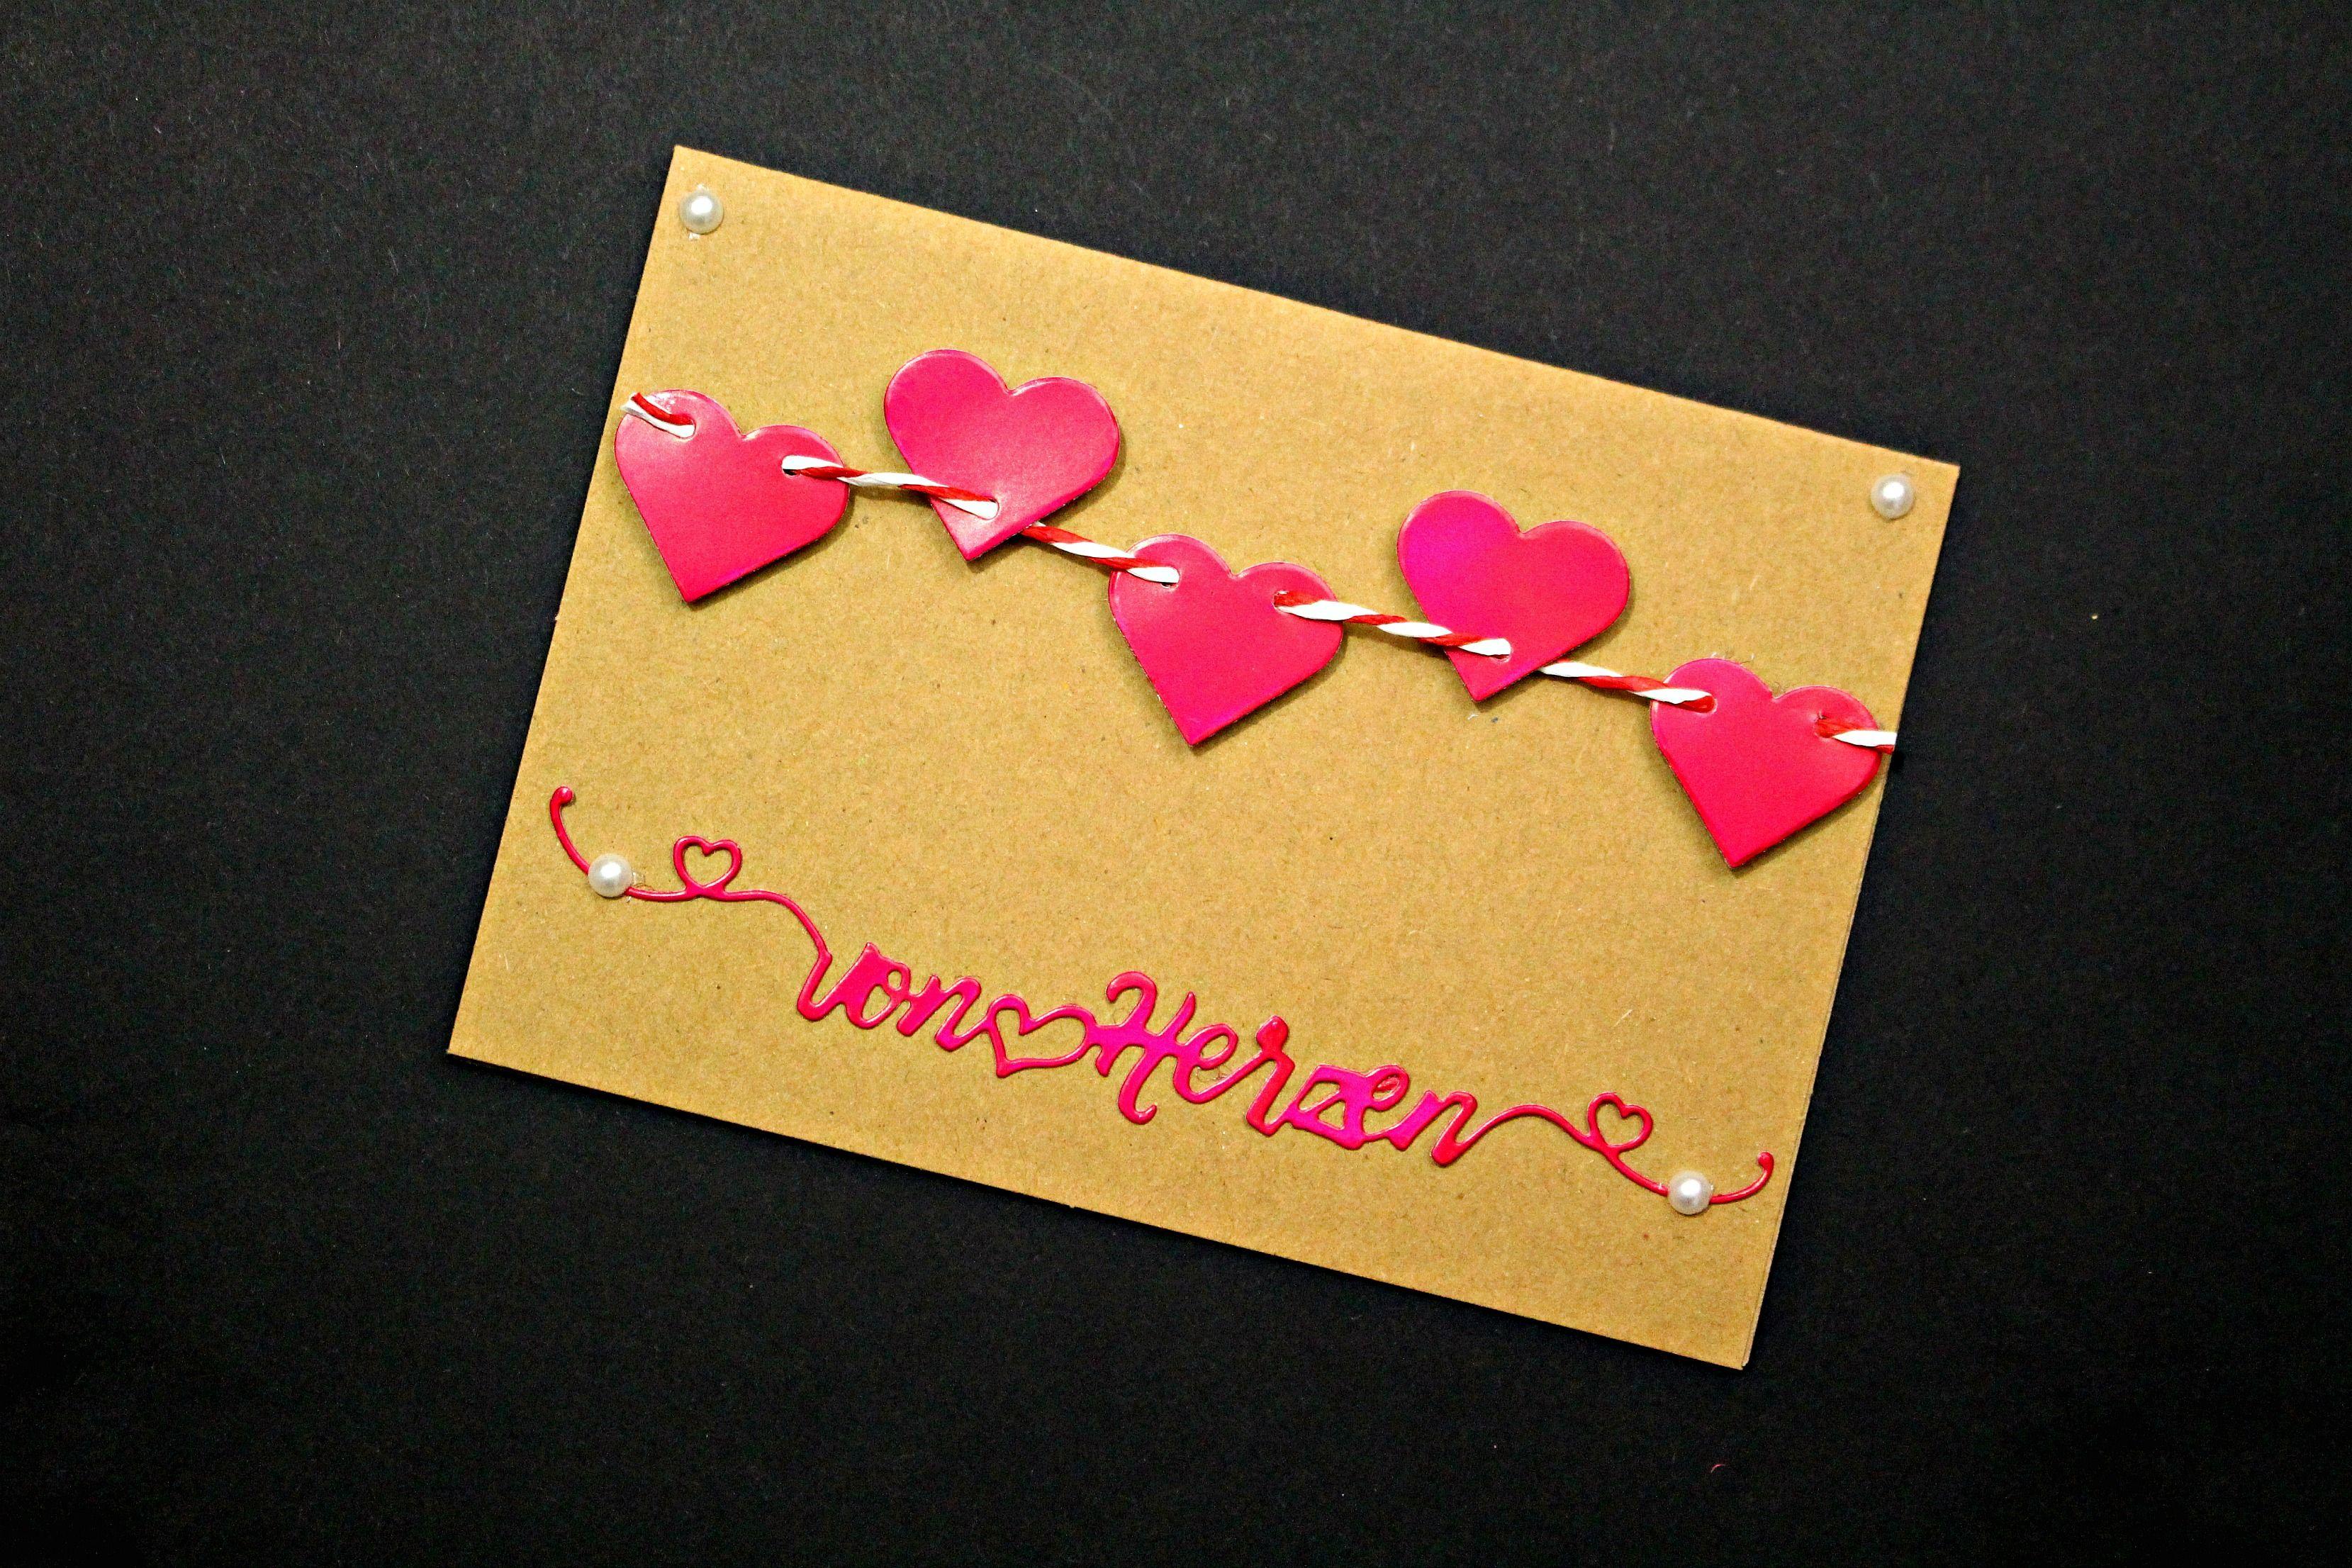 Valentinstag Geschenk Basteln valentinstag diy geschenk basteln karte einfach bastelideen mit